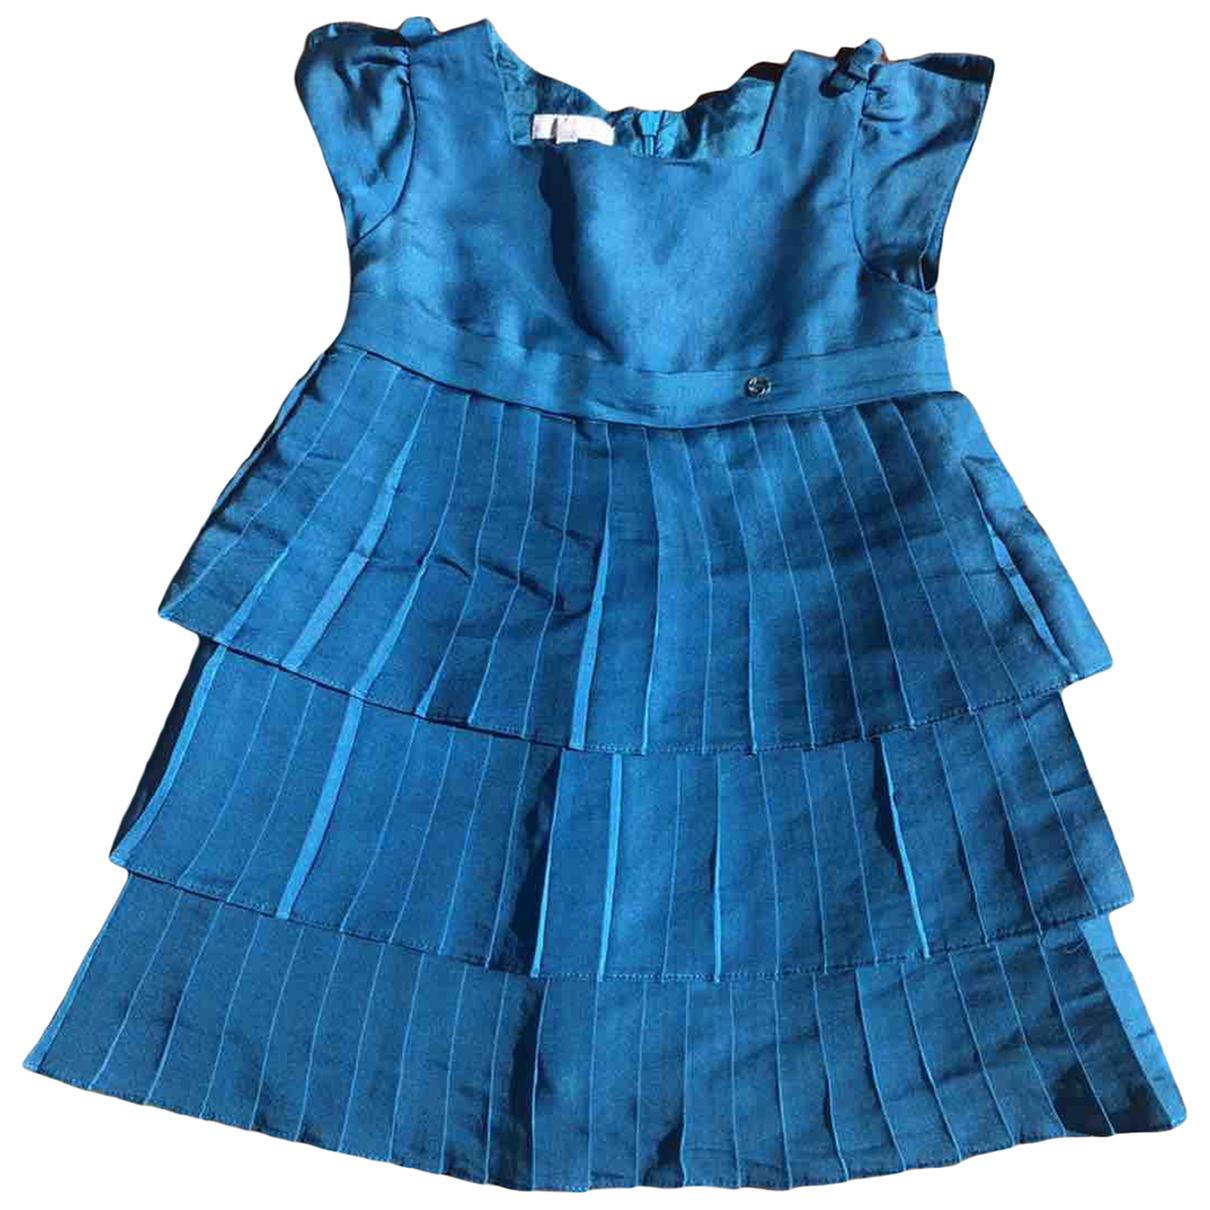 Gucci \N Kleid in  Blau Seide